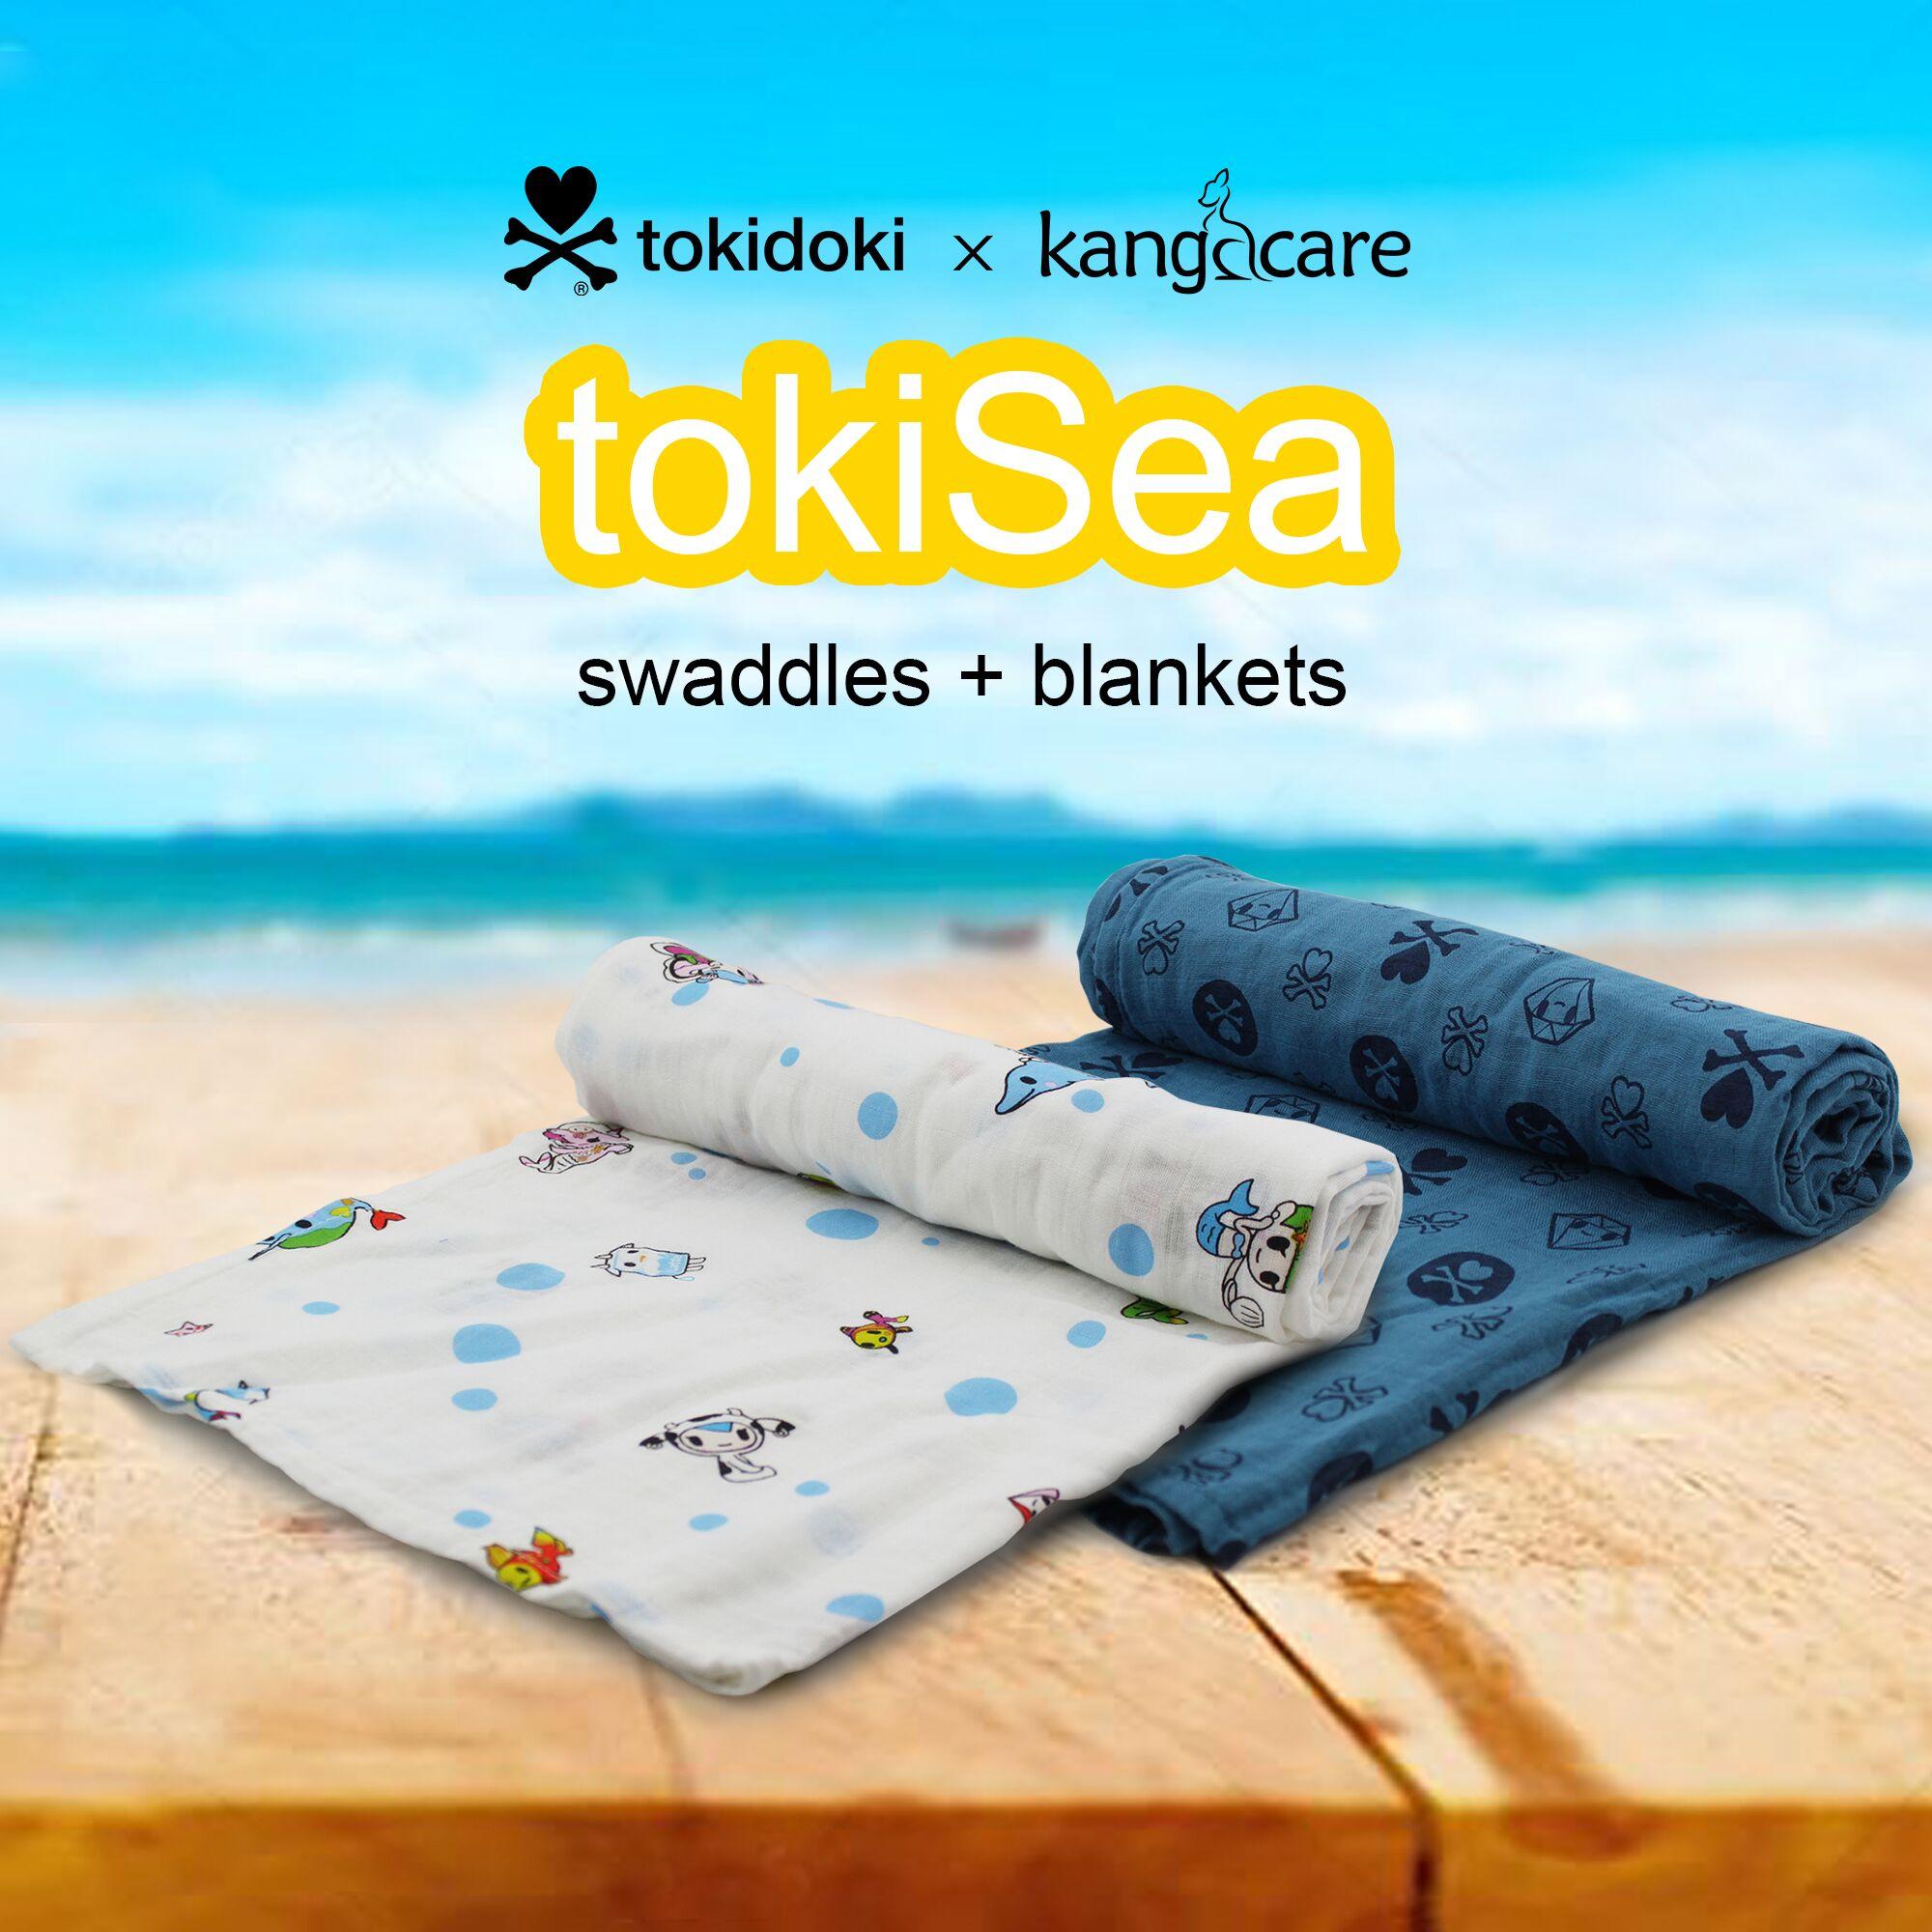 kangacare-premium-blanket-tokiSea-swaddles-tokiSea-banner